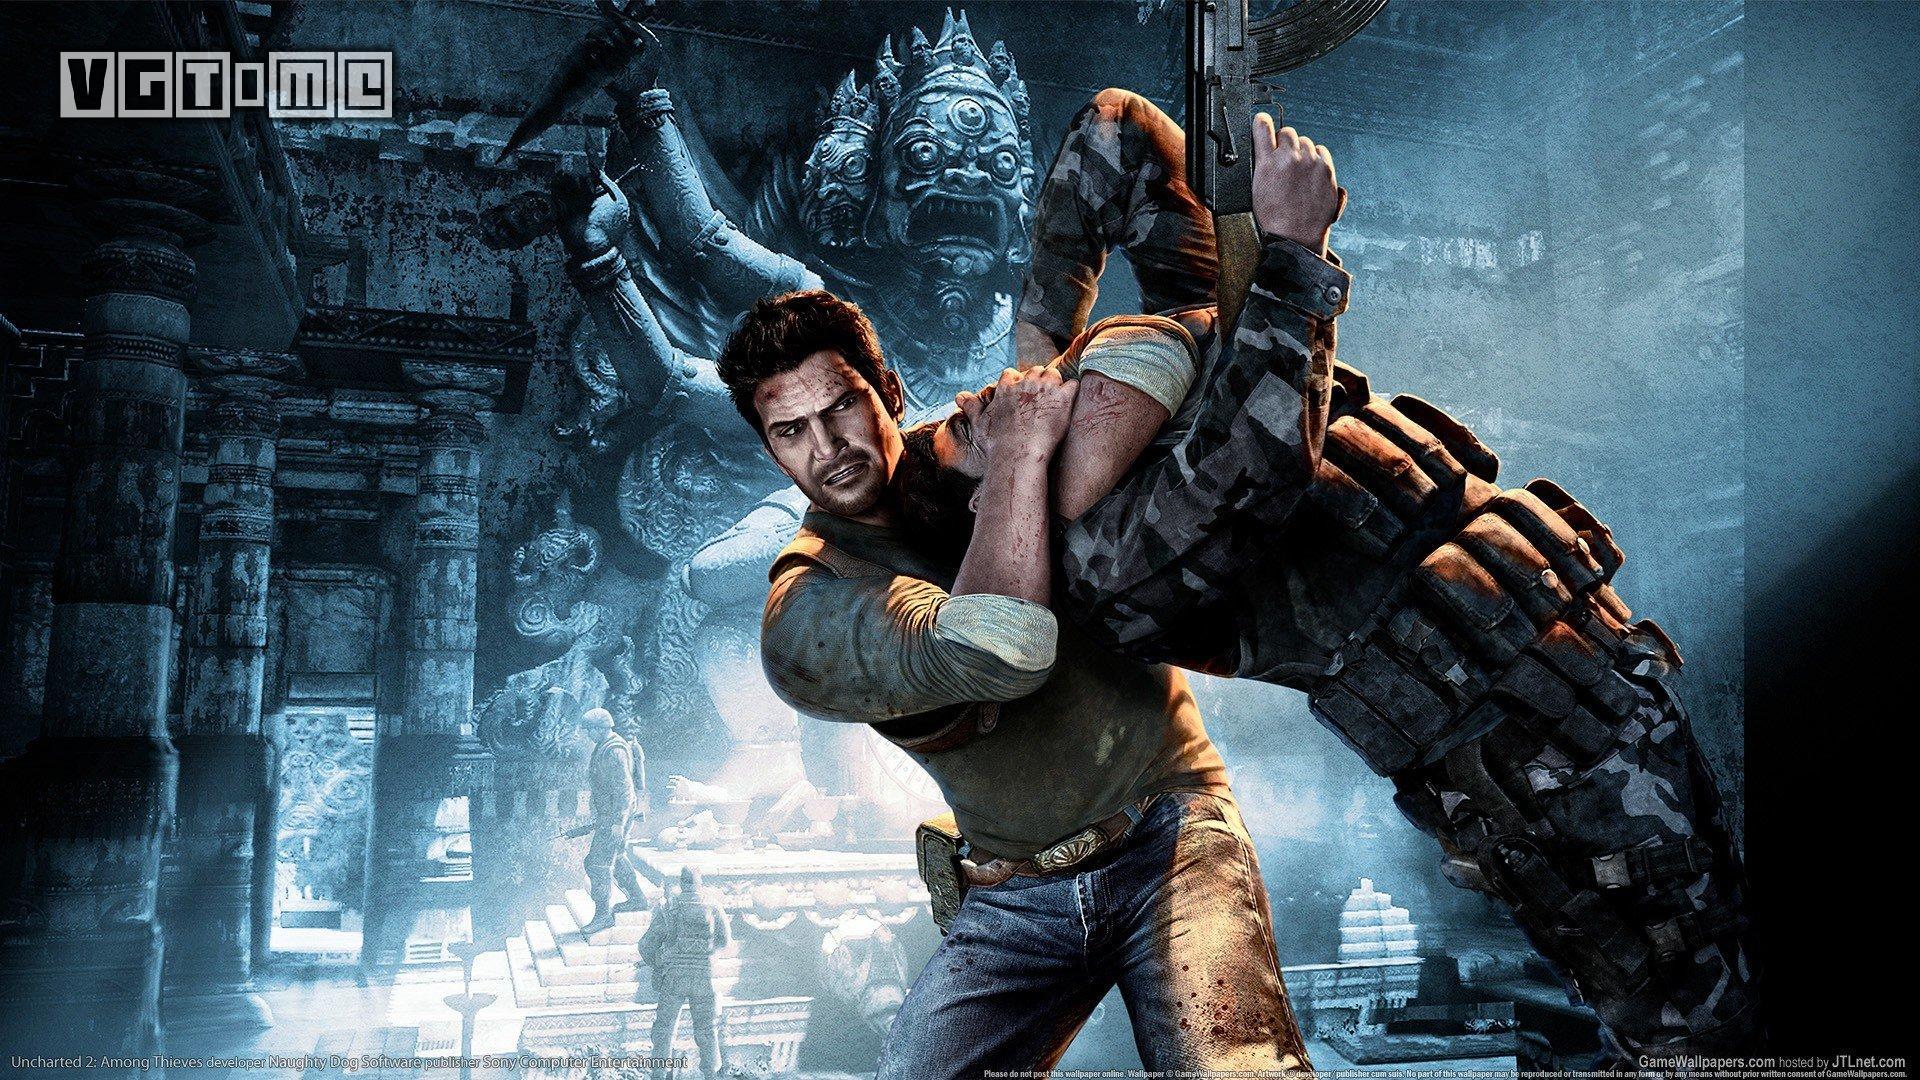 前頑皮狗總監談游戲人物性格和玩法沖突帶來的「敘事失調」